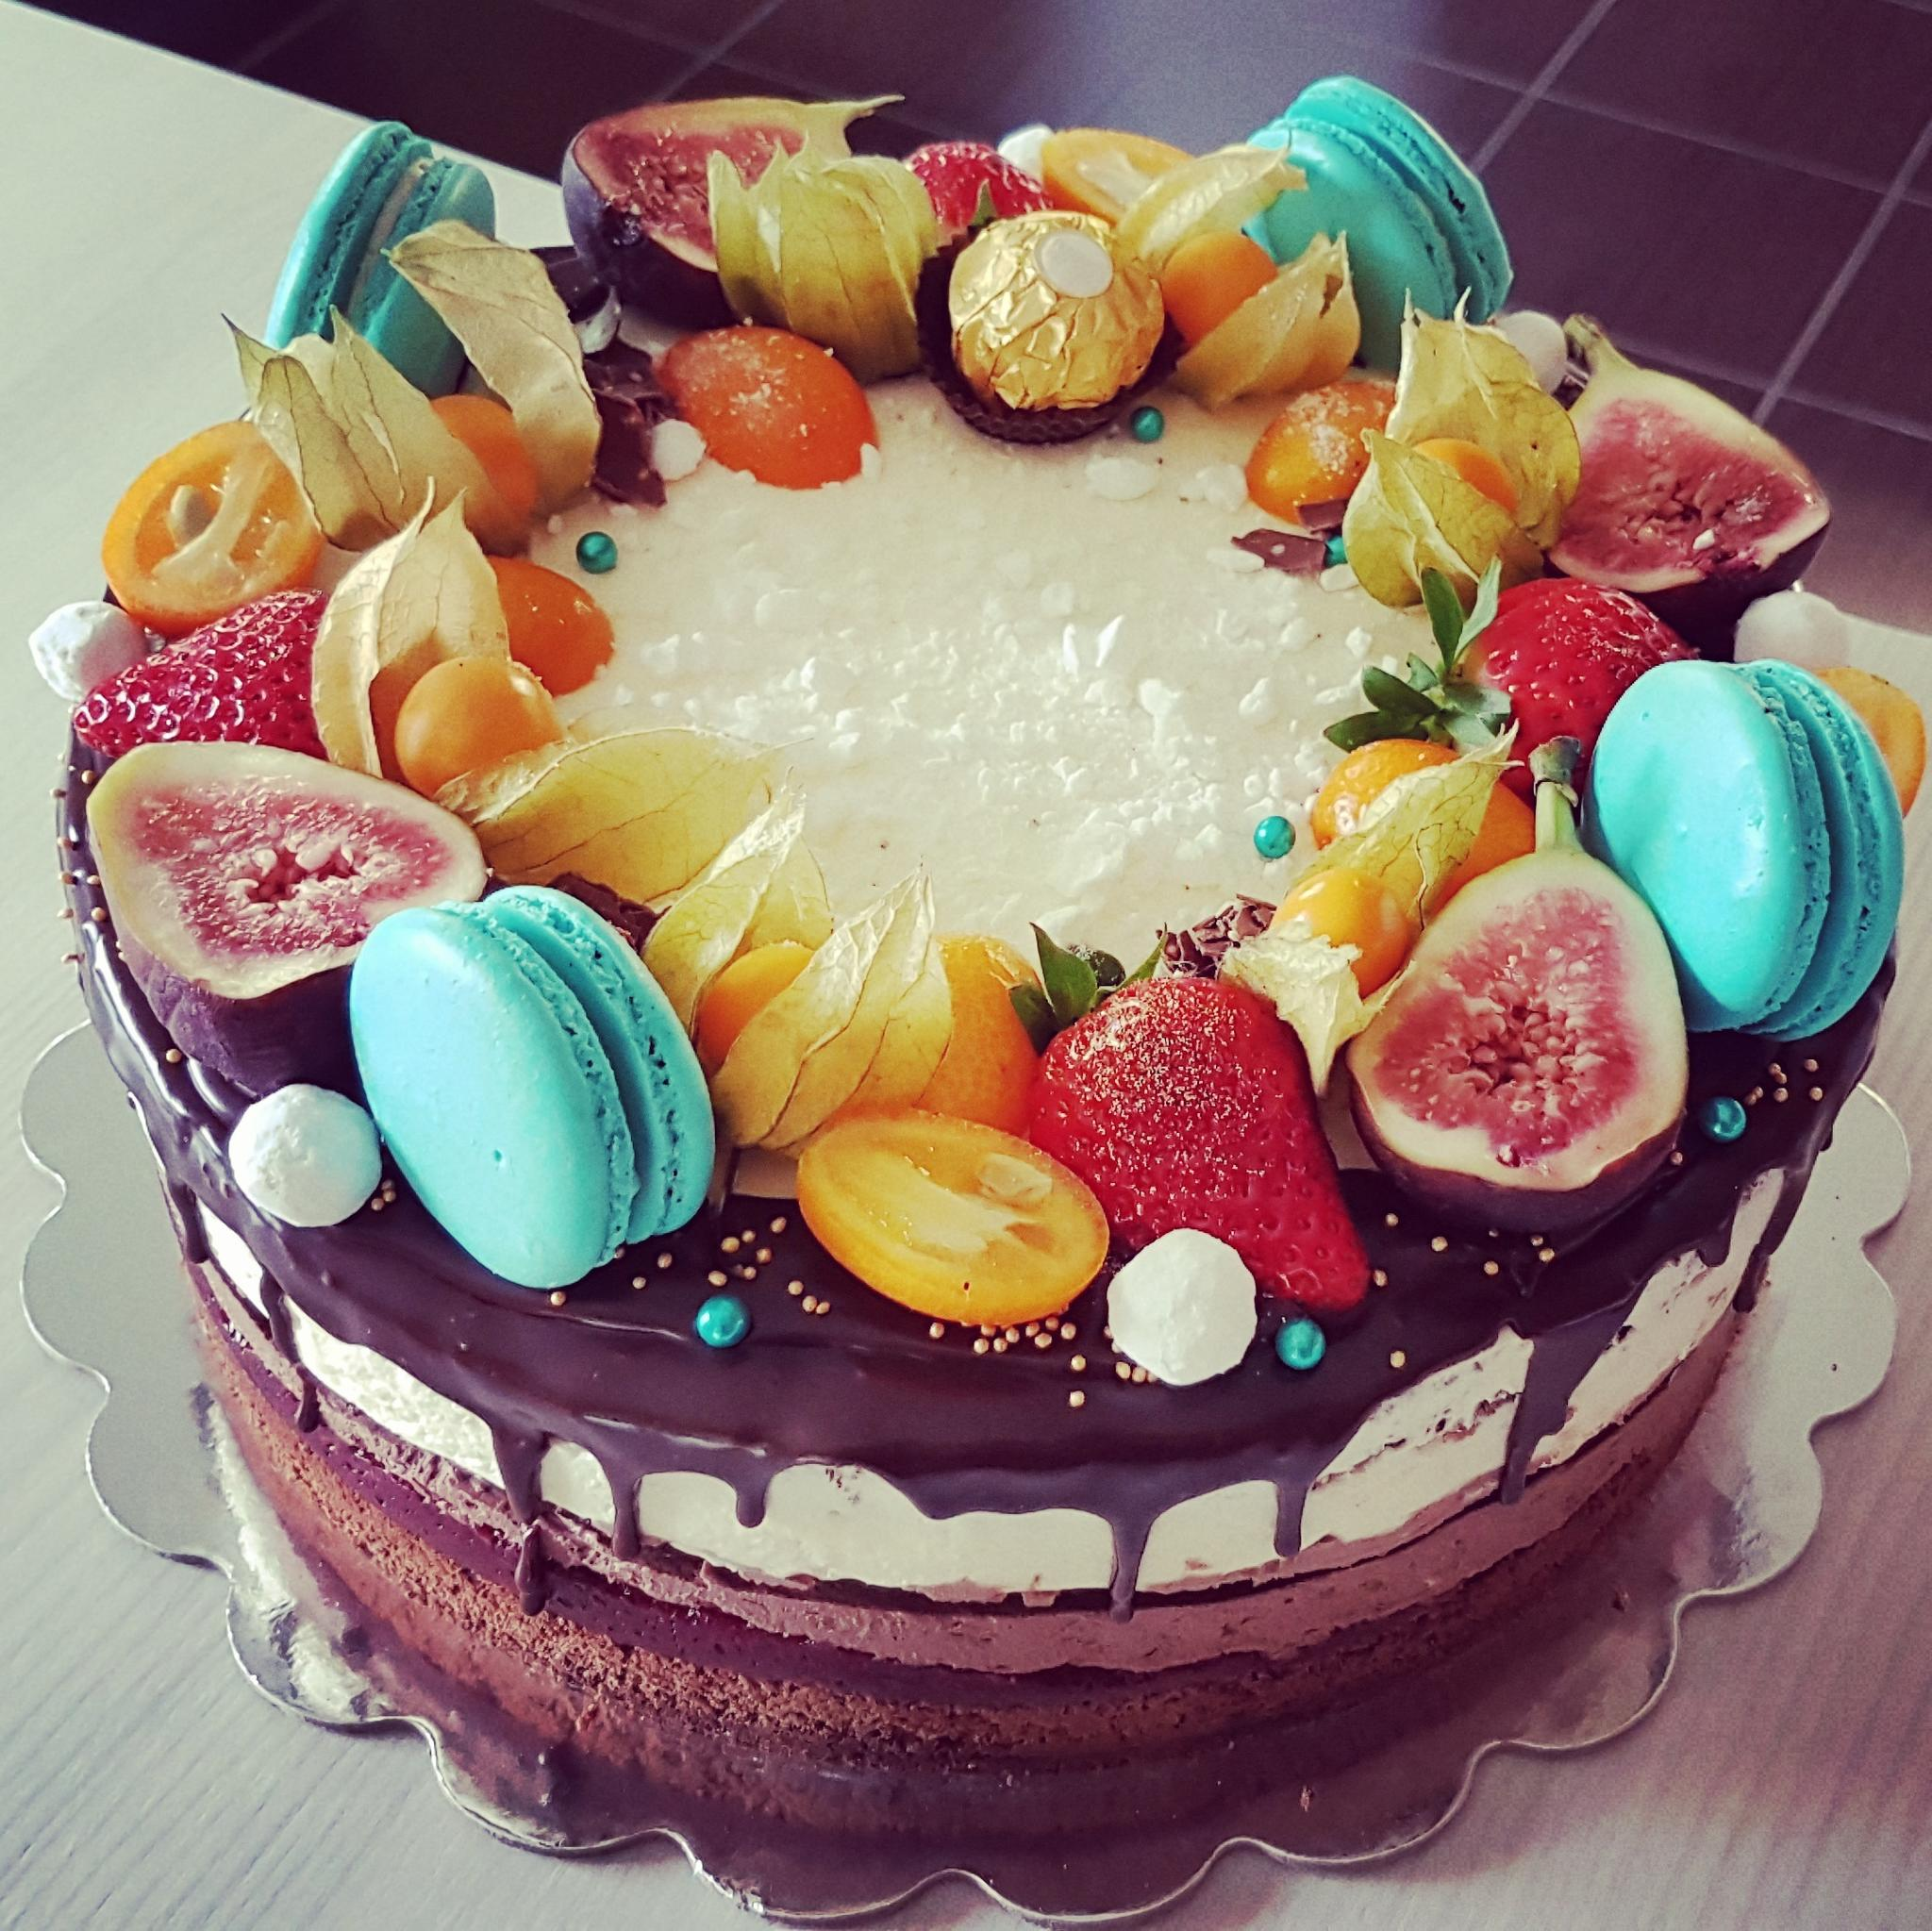 aed0aaebfcc Meie tortide orienteeruvad mõõdud ja kaalud: Näiteks 26cm diameetriga kolme  biskviidikihiga, kohupiima-vahukreemi. marjatäidise ja kreemikattega tort  kaalub ...